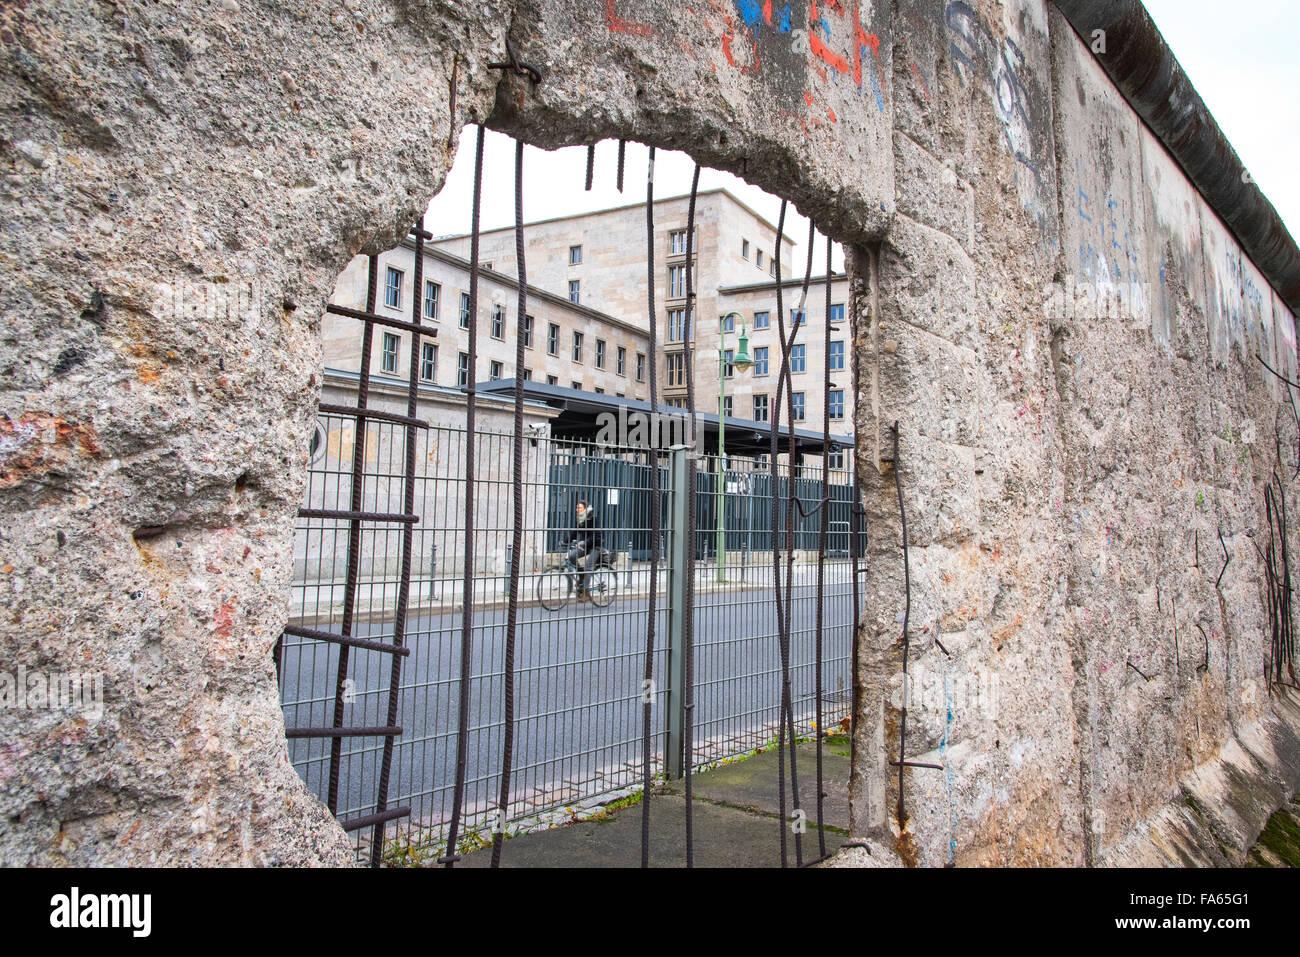 Reste du mur de Berlin au musée de la terreur de l'Allemagne Photo Stock